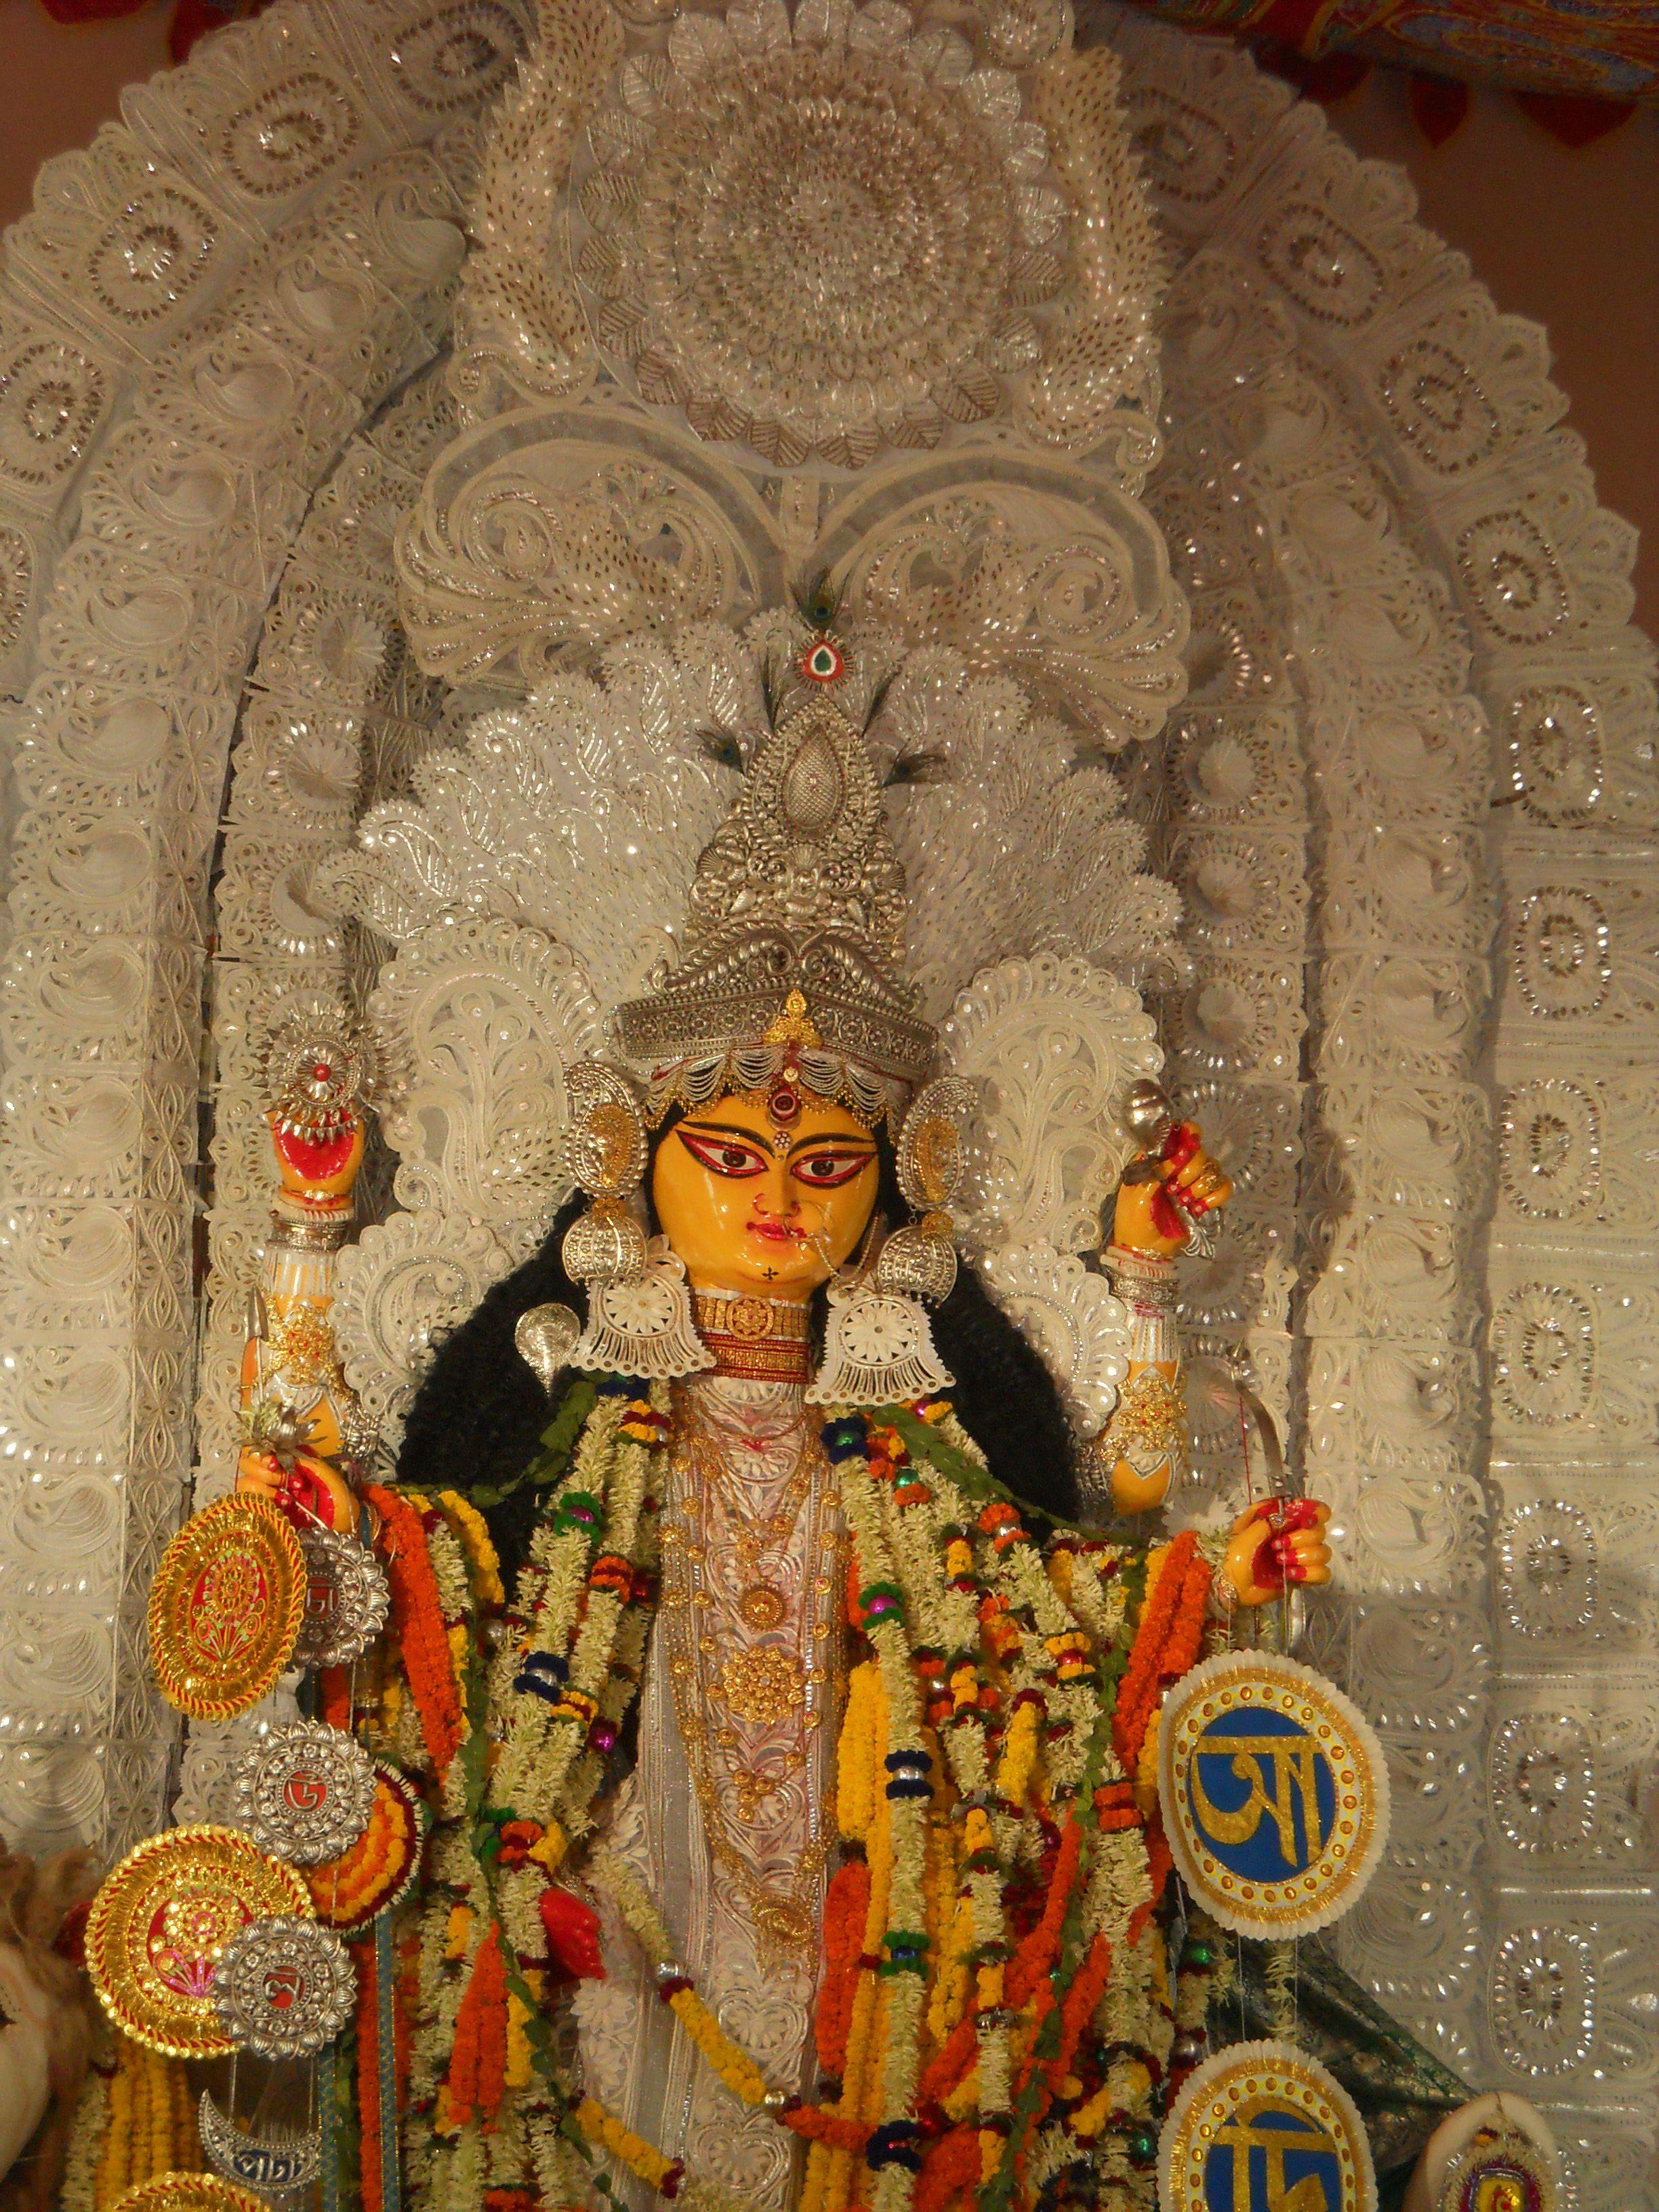 Jagadhatri Puja in Chandannagar